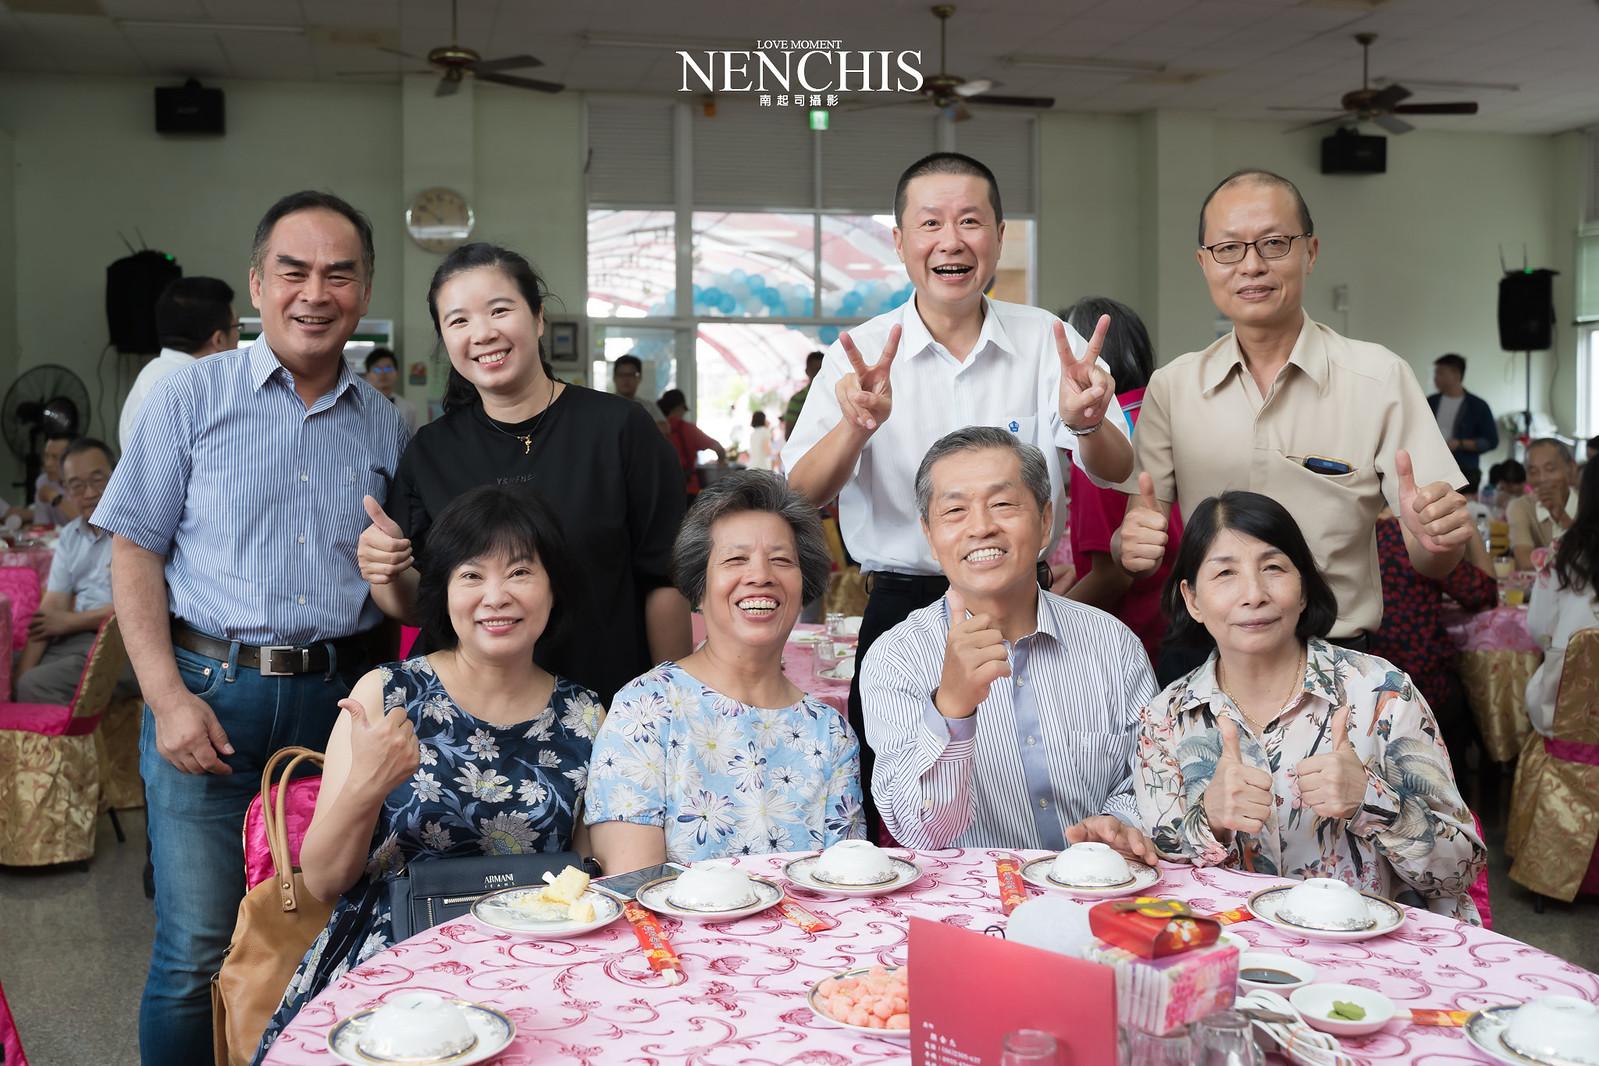 台南婚攝,婚禮攝影,飛行員婚禮,安定新吉里活動中心,Nenchis